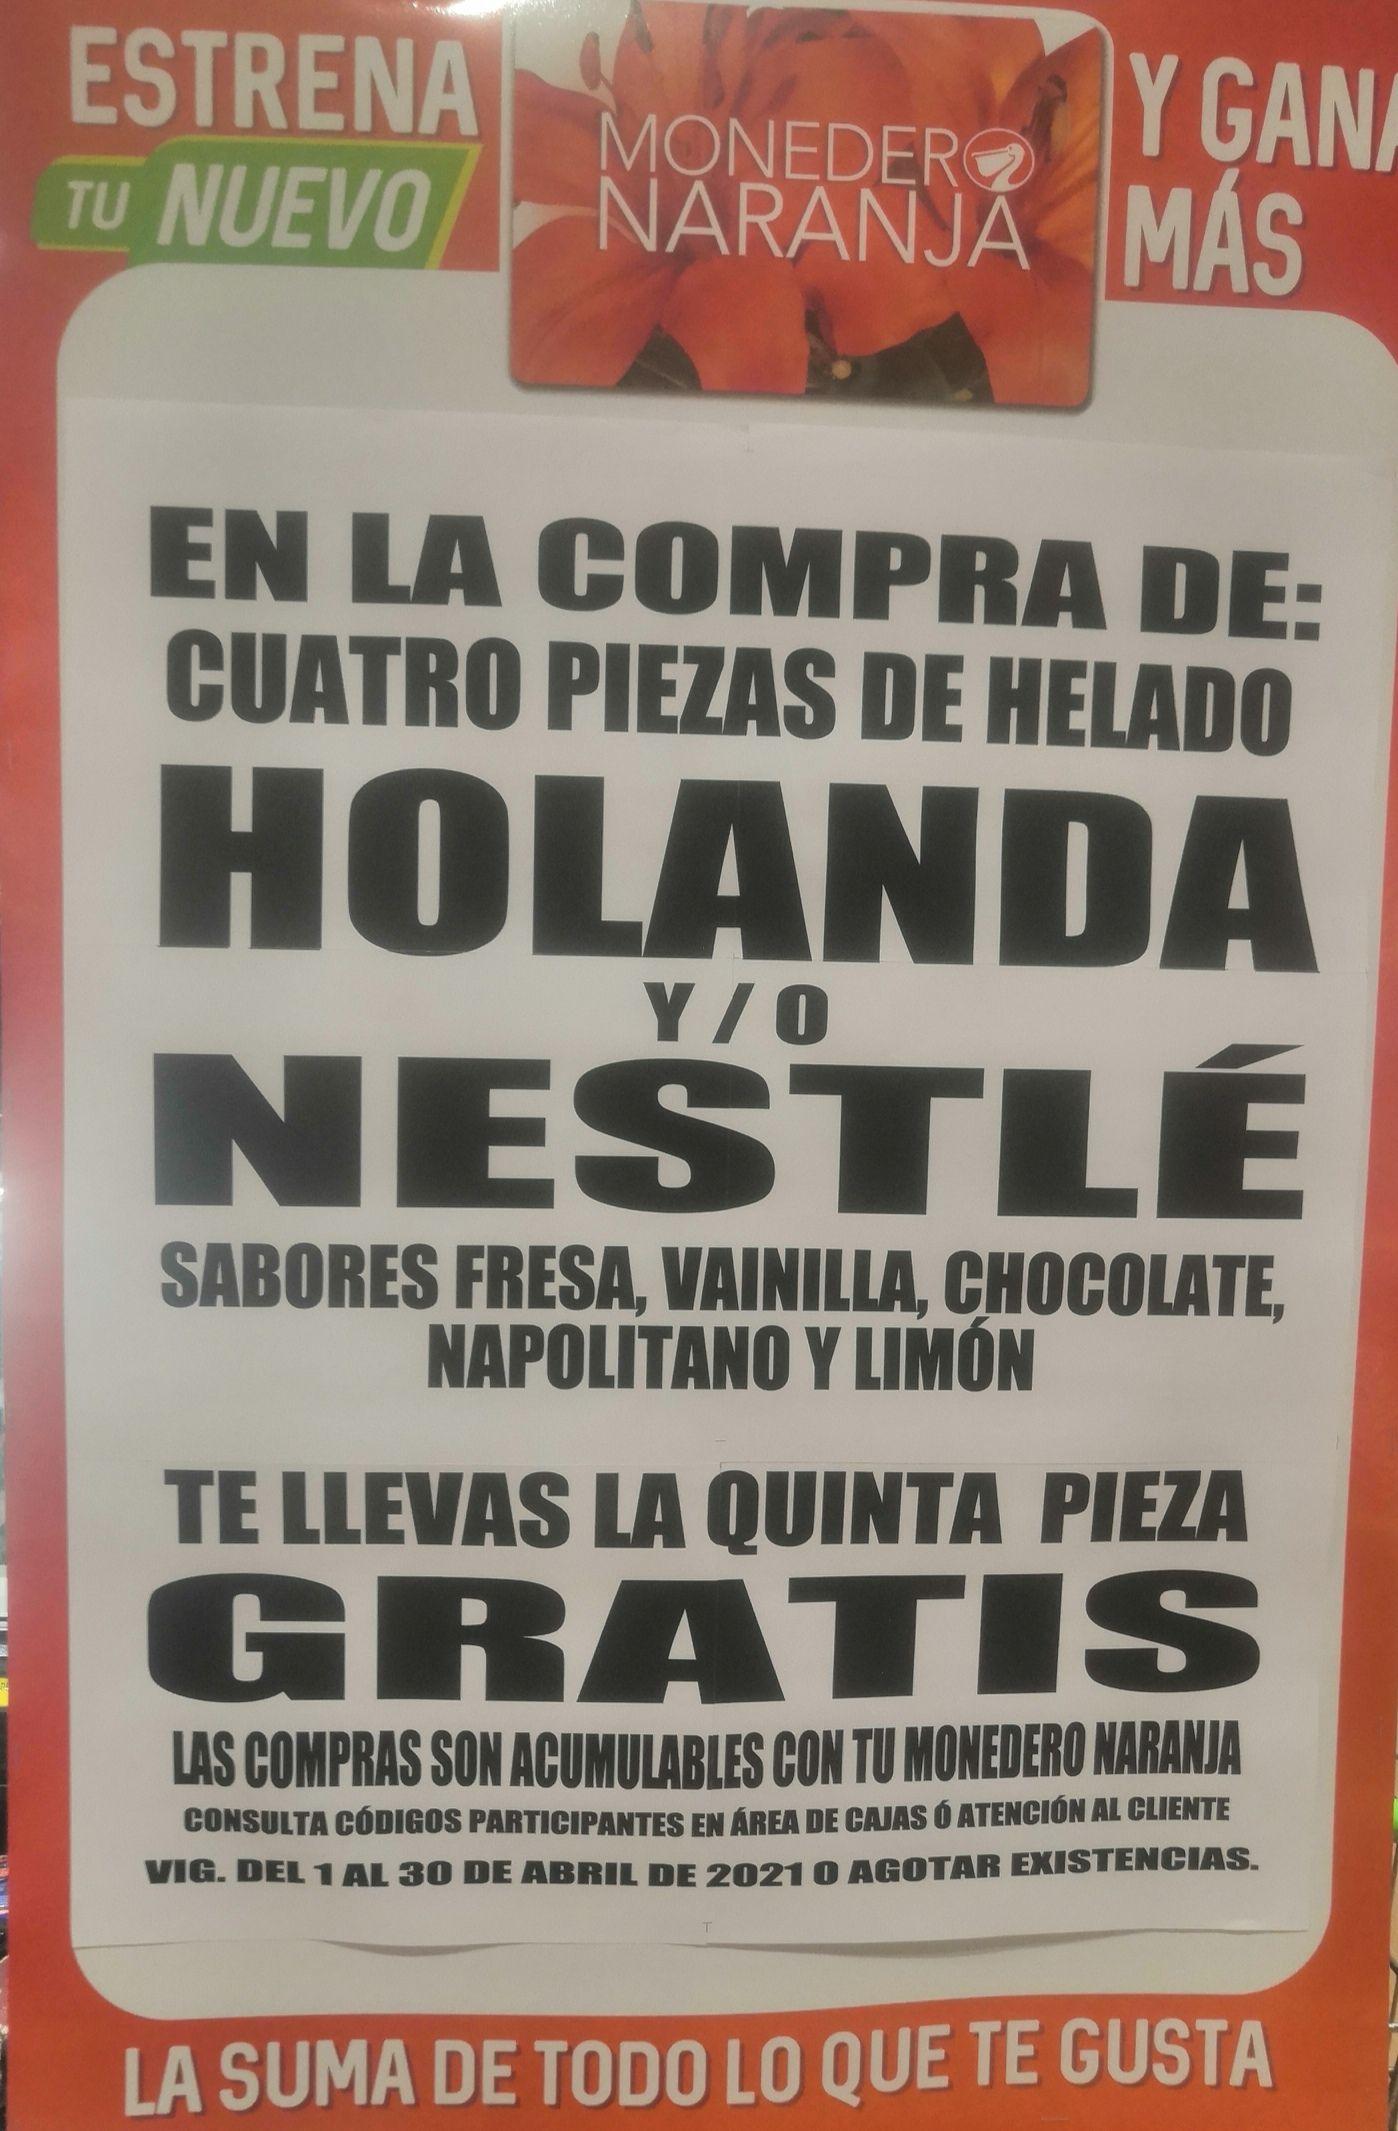 La Comer: Compra o acumula con Monedero Naranja 4 piezas de helado Holanda ó Nestlé sabores básicos, y llévate la quinta gratis